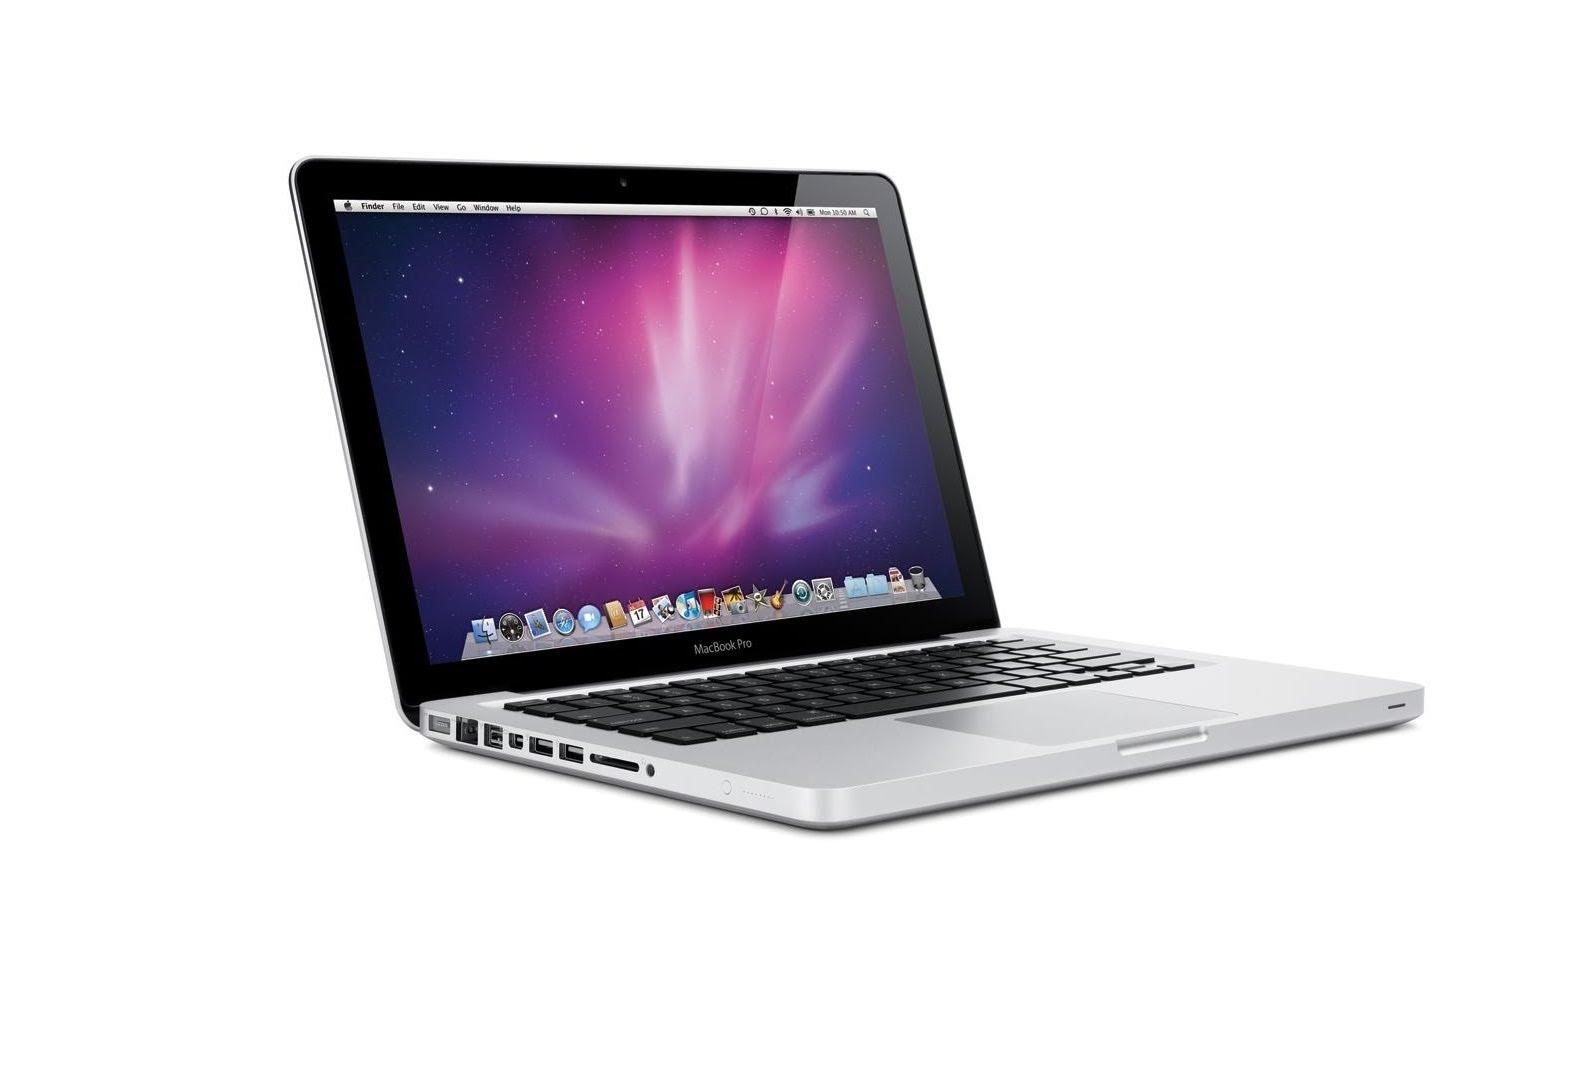 ノートパソコン 中古 MacBookPro 9,2 Mid 2012 A1278 MD101J/A apple アップル 日本の工場で調整・クリーニング済 ノート パソコンCore i7 Mac OS X 750GB(HDD) 8GBメモリ 13.3インチ DVD-RW